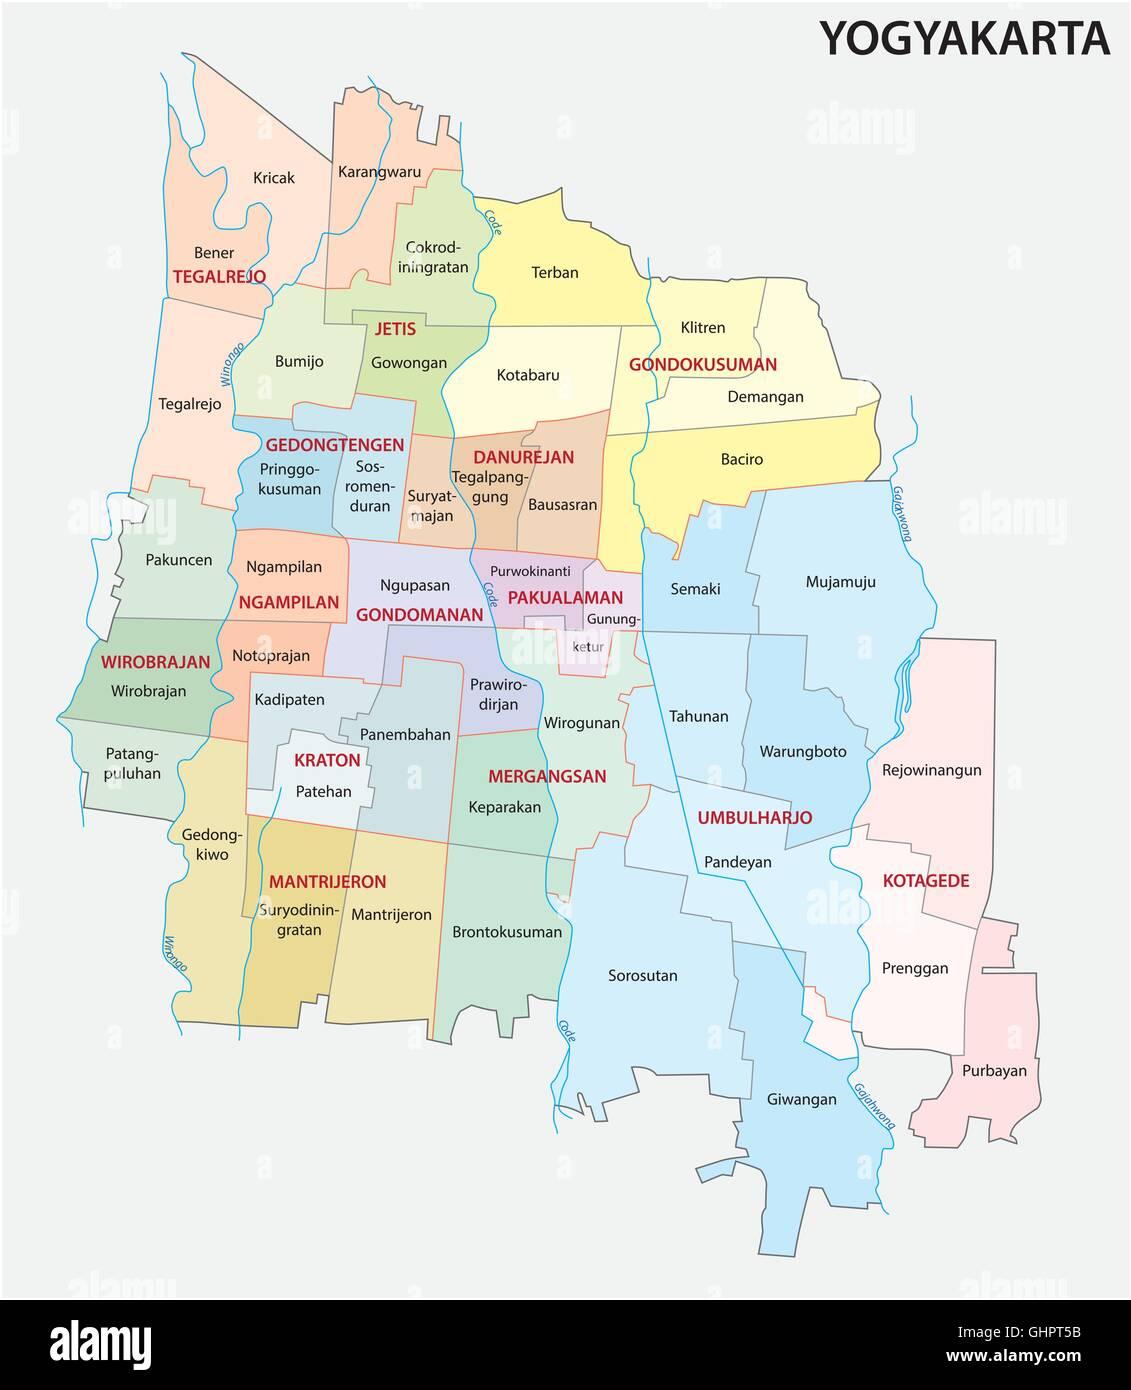 Yogyakarta Map Stockfotos & Yogyakarta Map Bilder - Alamy